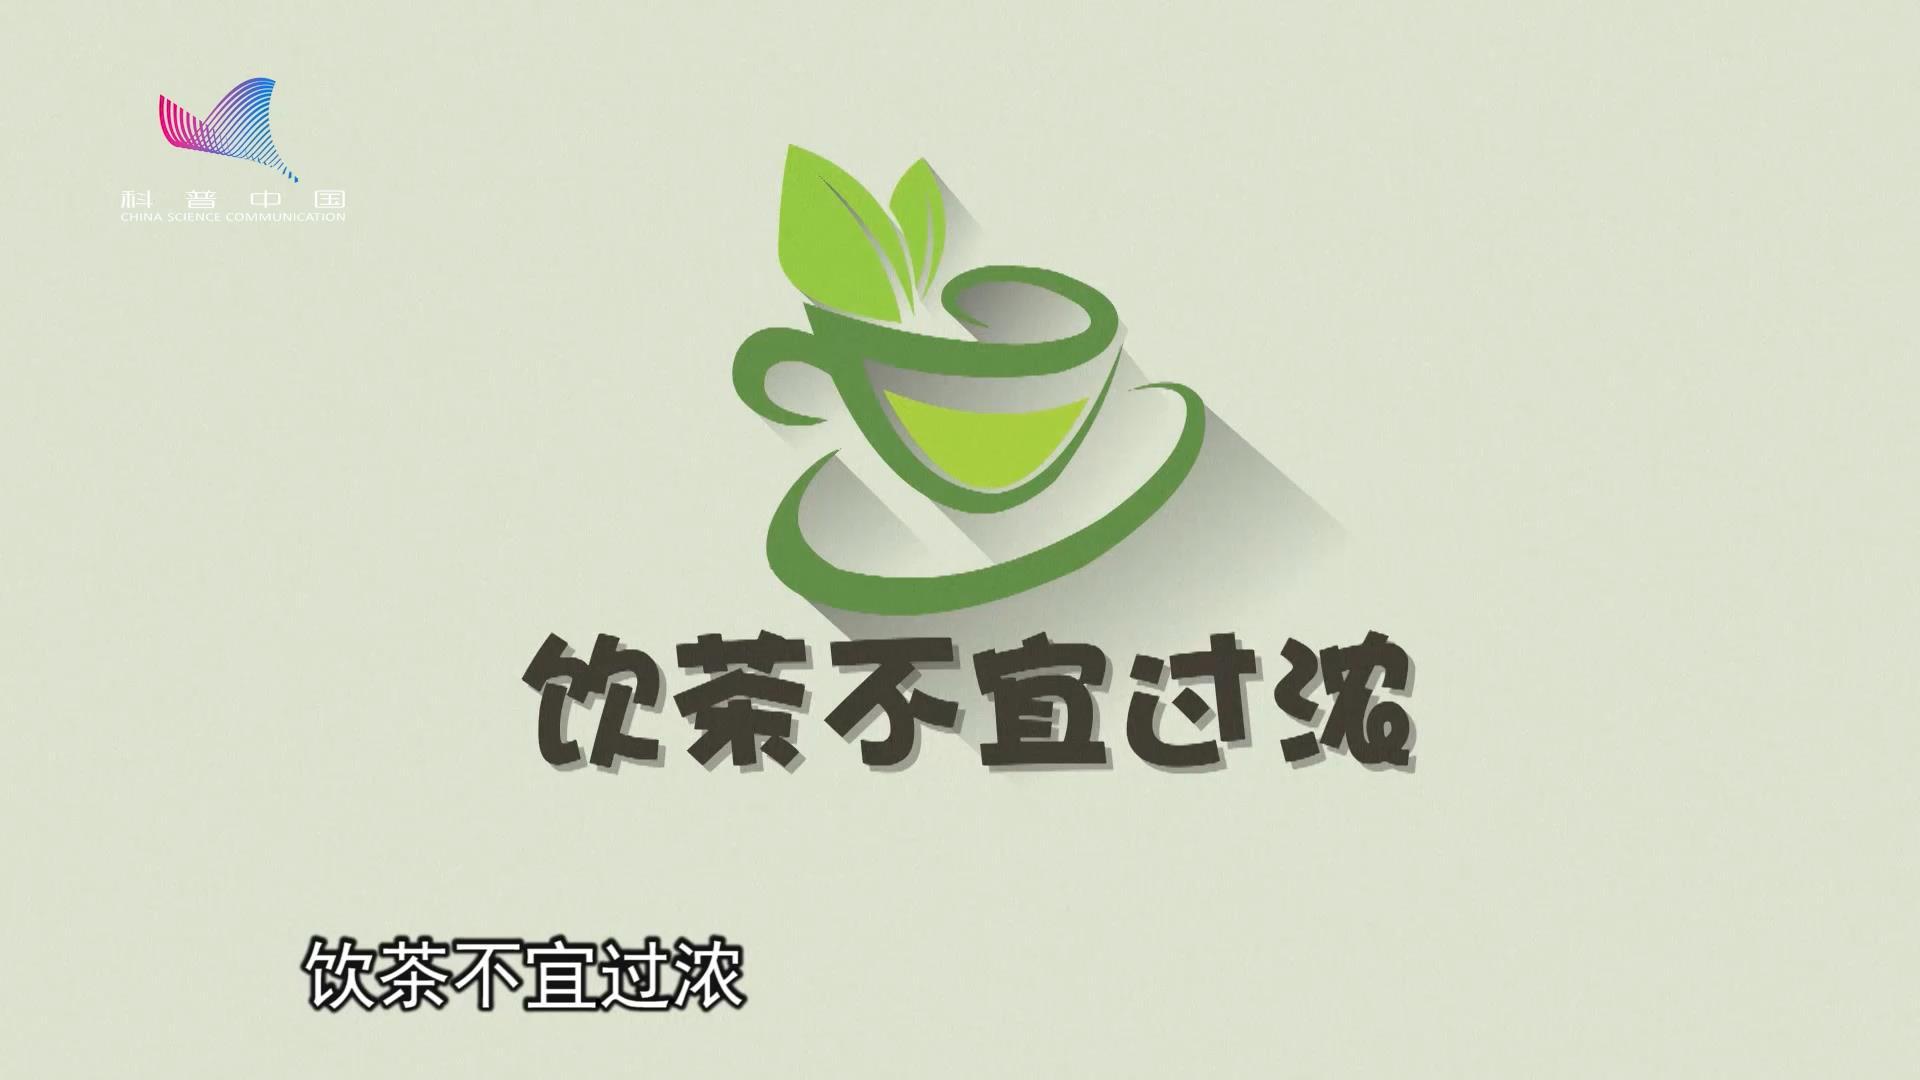 常饮浓茶有哪些危害?